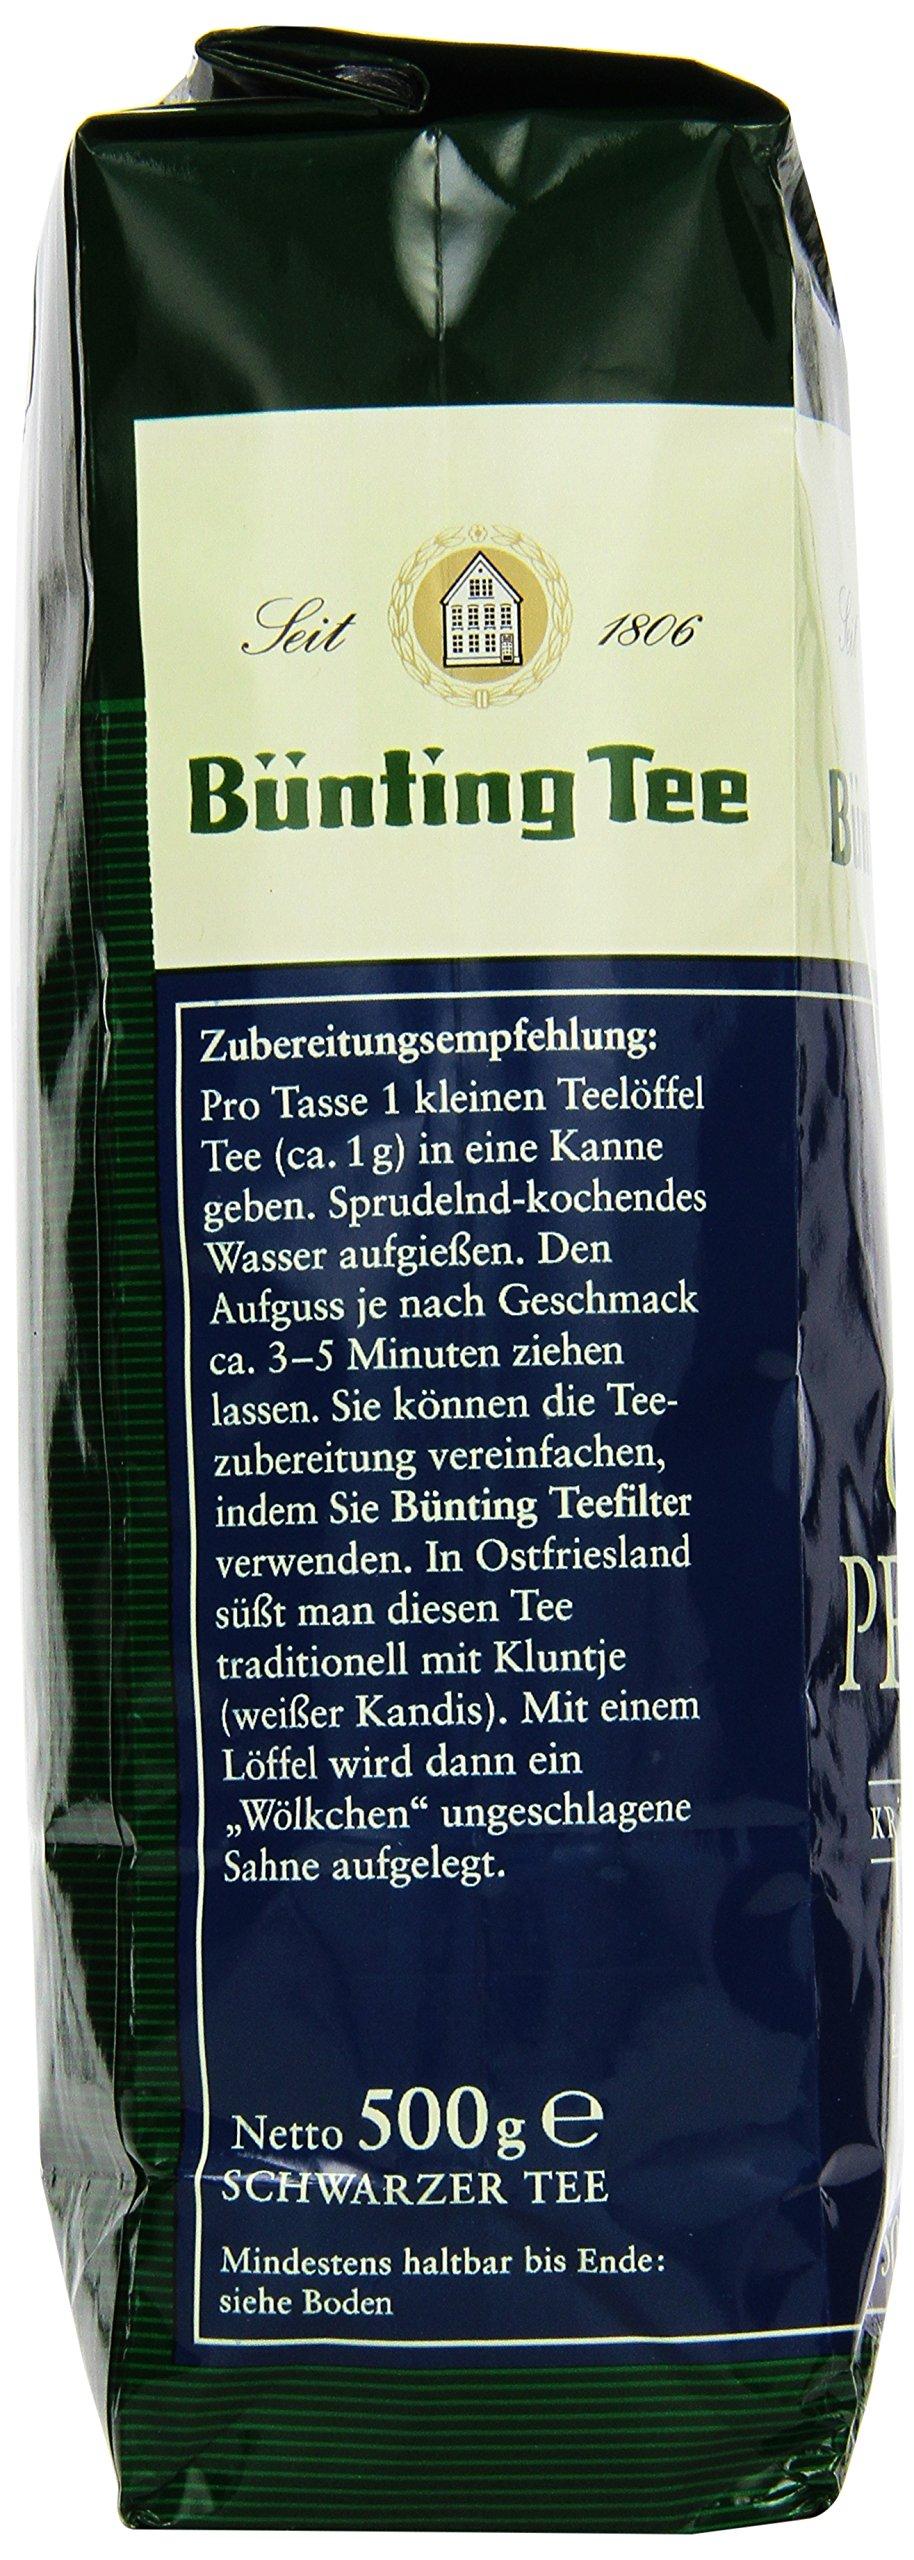 Bnting-Tee-CK-Privat-Echter-Ostfriesentee-500-g-lose-2er-Pack-2-x-500-g